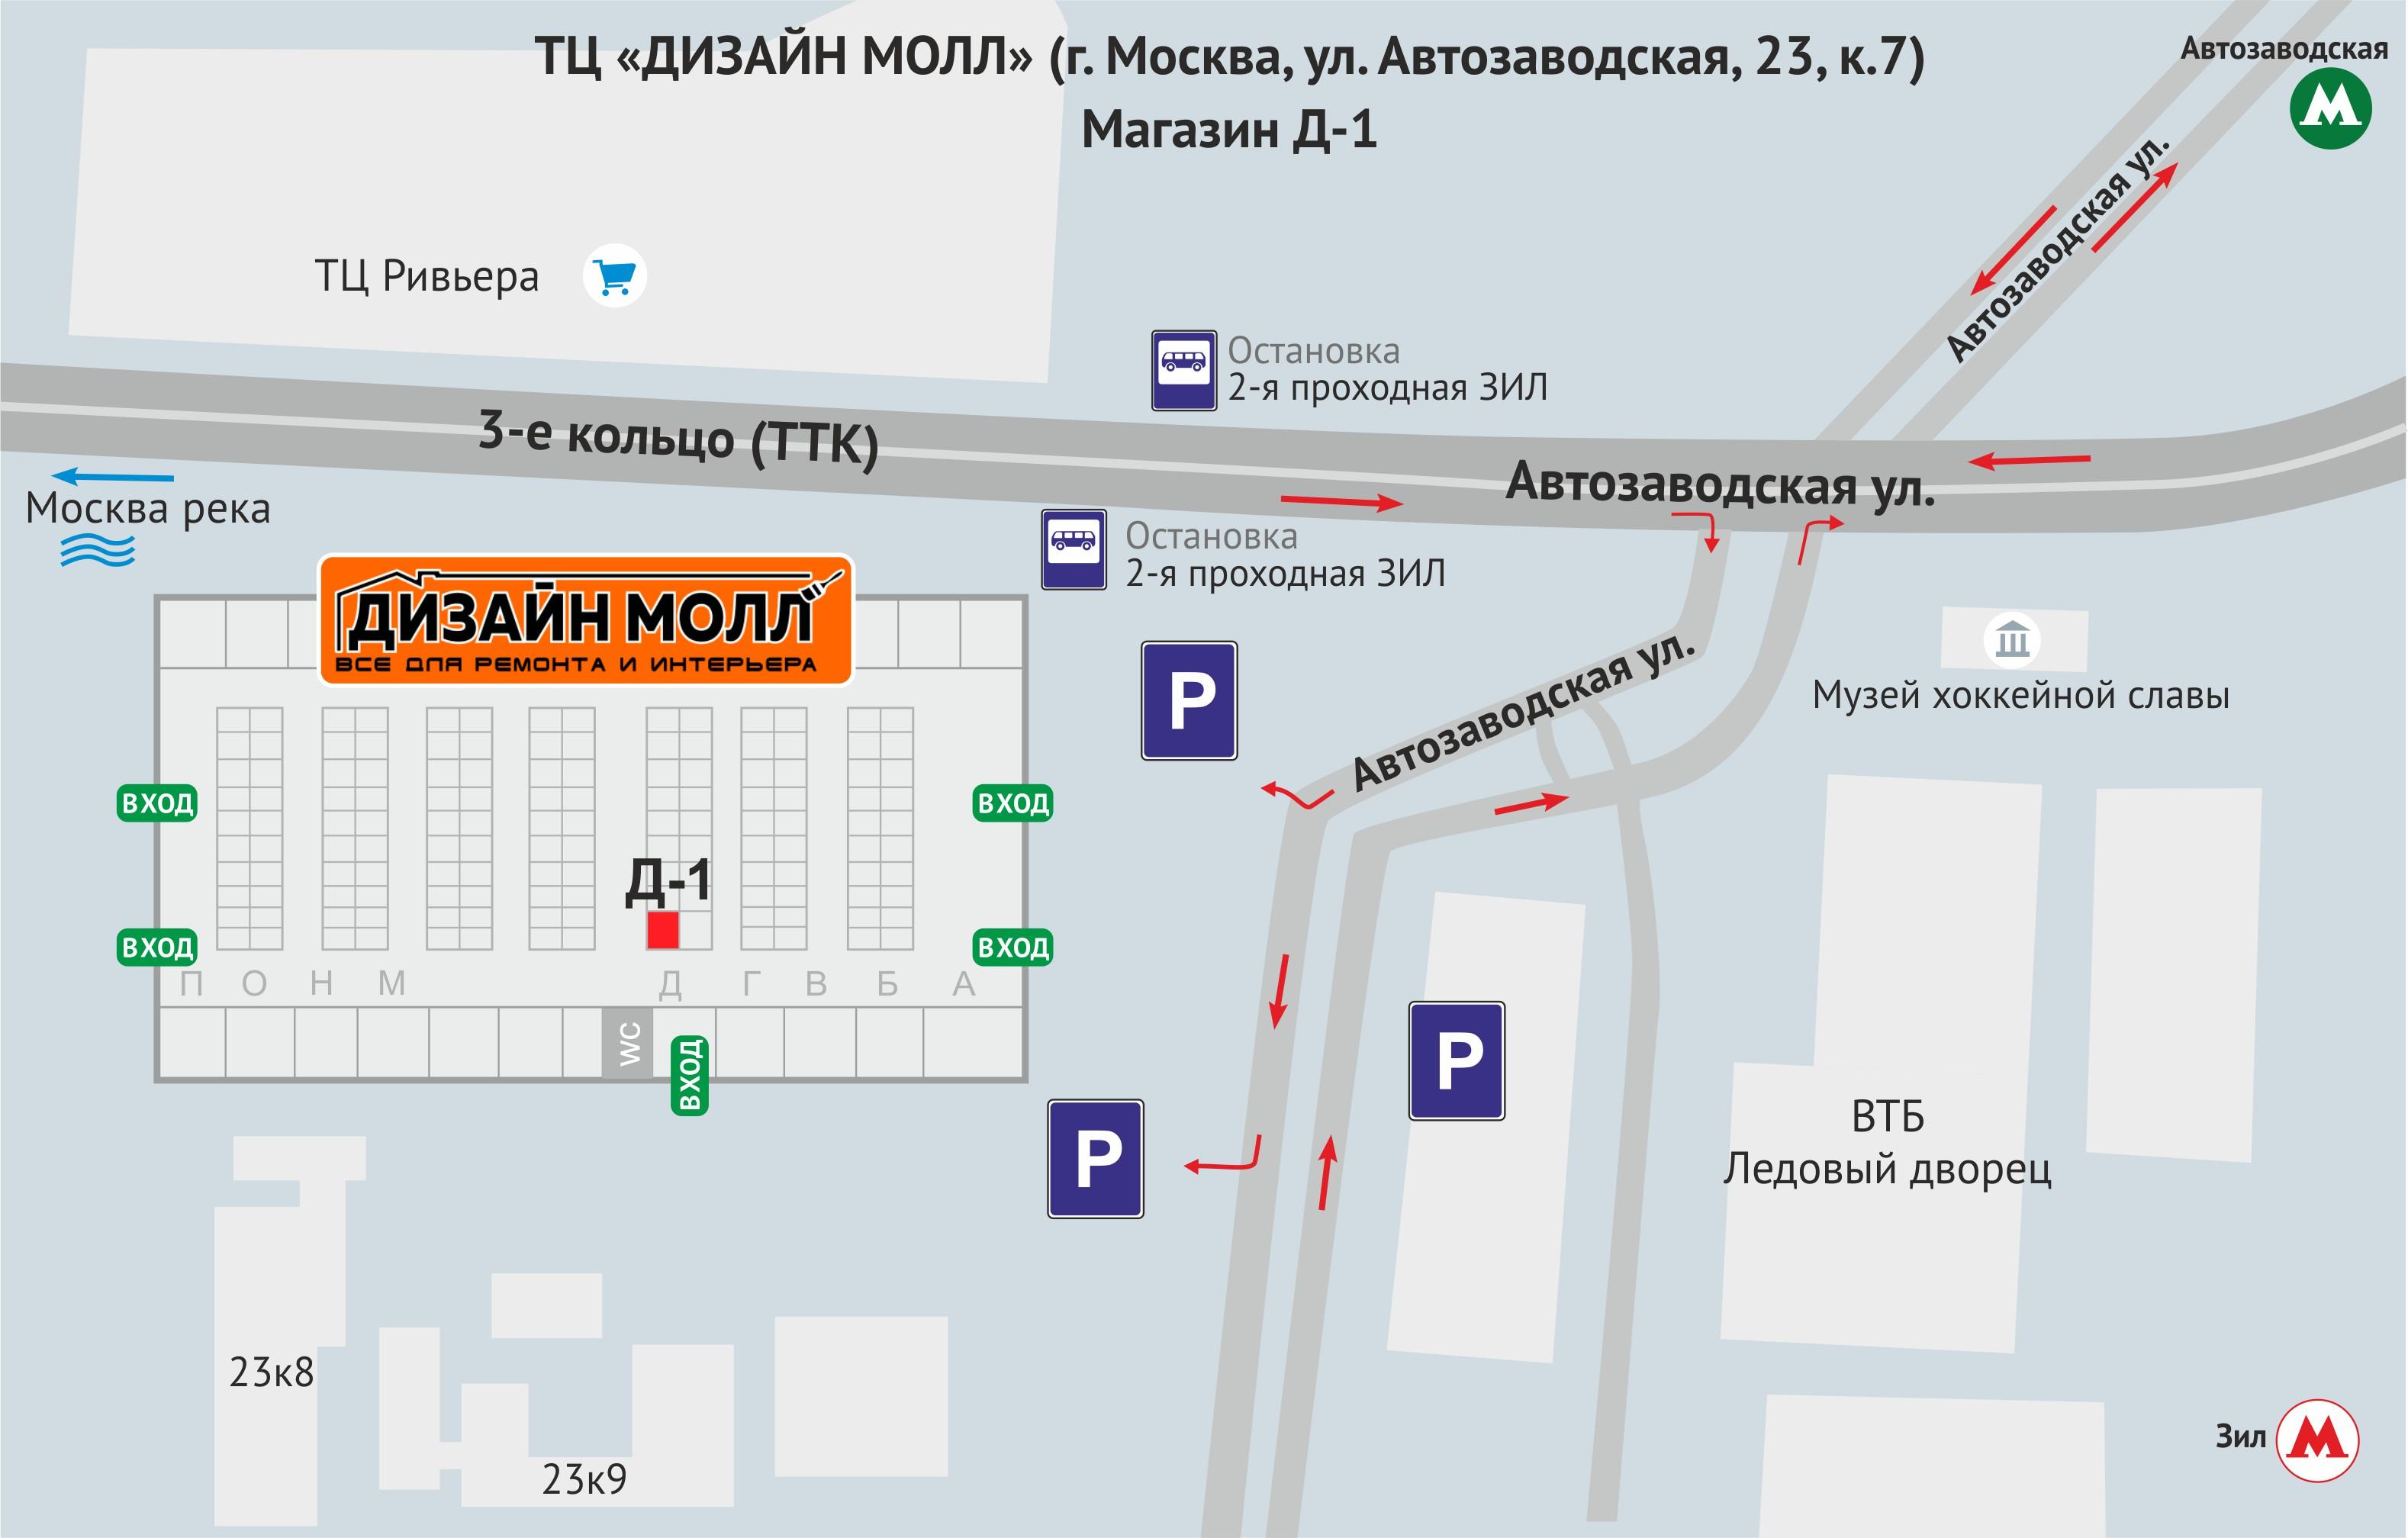 Схема проезда в 'ДИЗАЙН МОЛЛ'